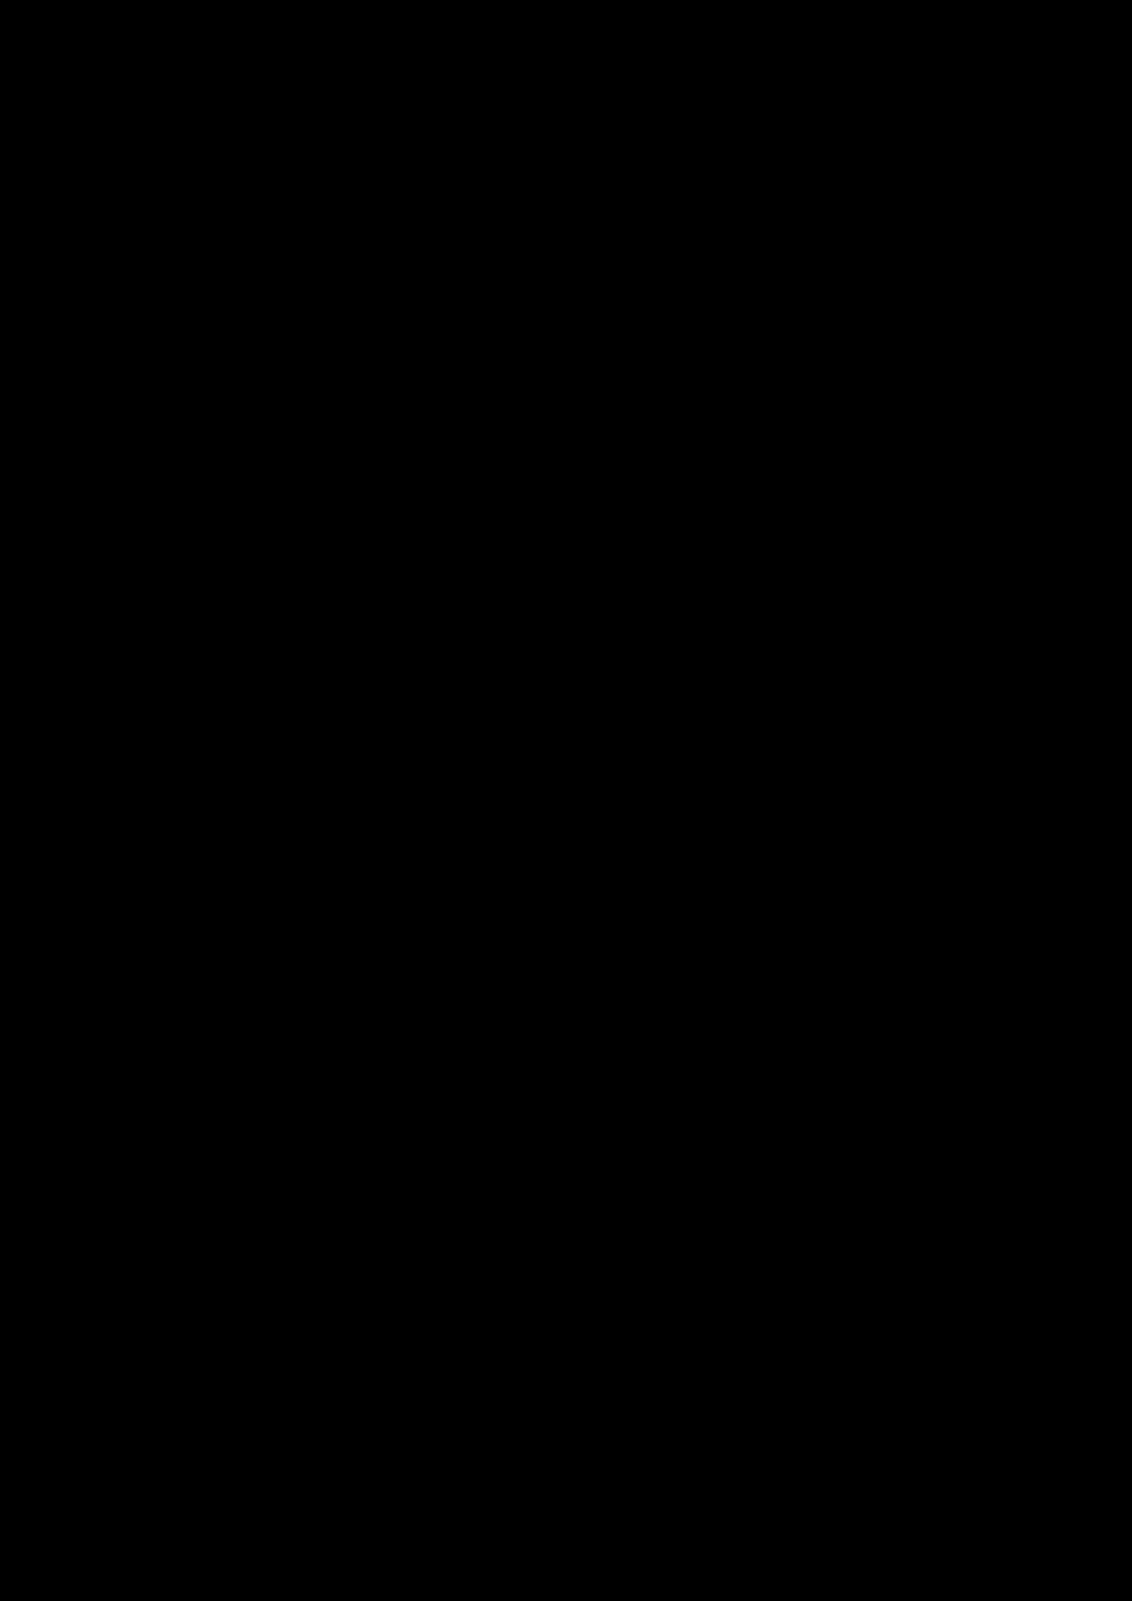 Zagadka volshebnoy stranyi slide, Image 44